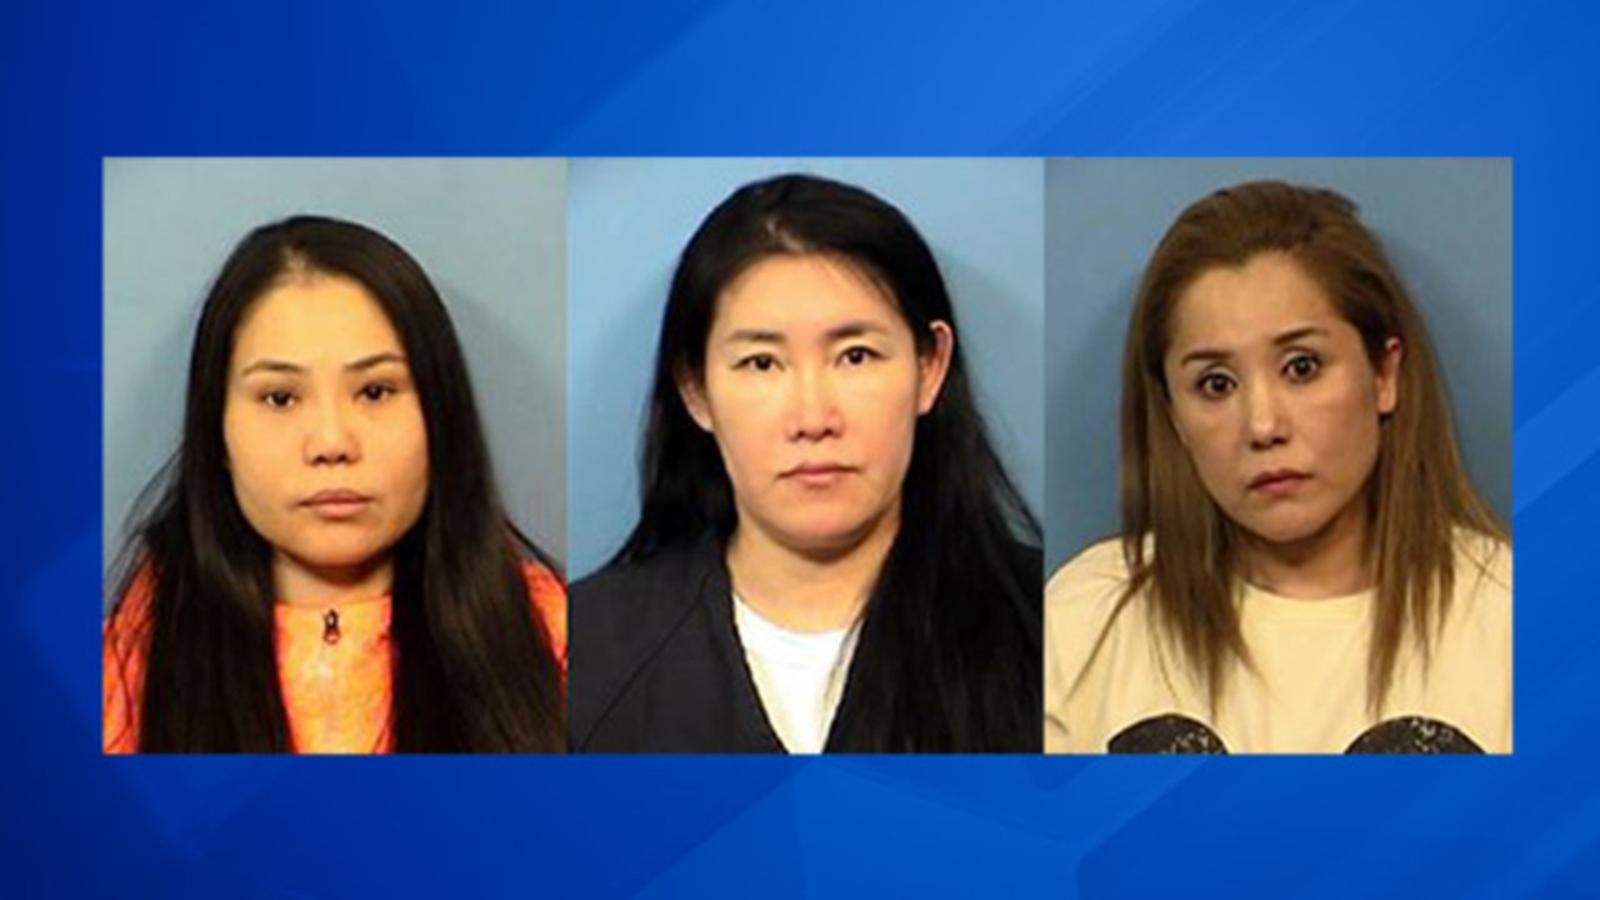 Police: 3 women arrested for prostitution, unlicensed ...